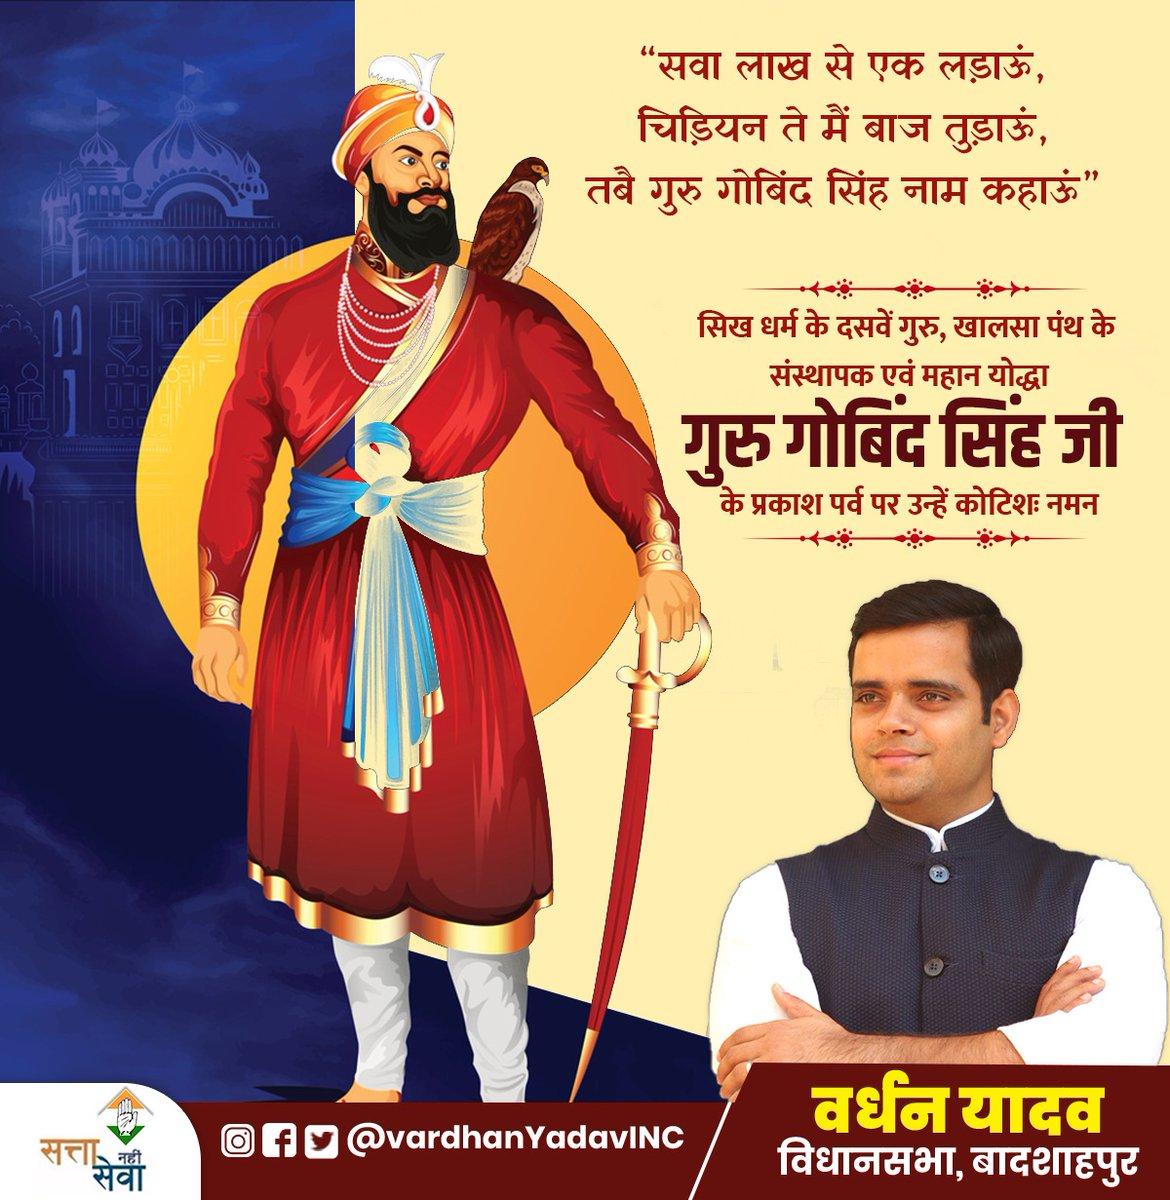 """""""सवा लाख से एक लड़ाऊं,  चिड़ियन ते मैं बाज तुड़ाऊं,  तबै गुरु गोबिंद सिंह नाम कहाऊं""""  सिख धर्म के दसवें गुरु, खालसा पंथ के संस्थापक एवं महान योद्धा गुरु गोबिंद सिंह जी के प्रकाश पर्व पर उन्हें कोटिशः नमन #GuruGobindSinghJi"""